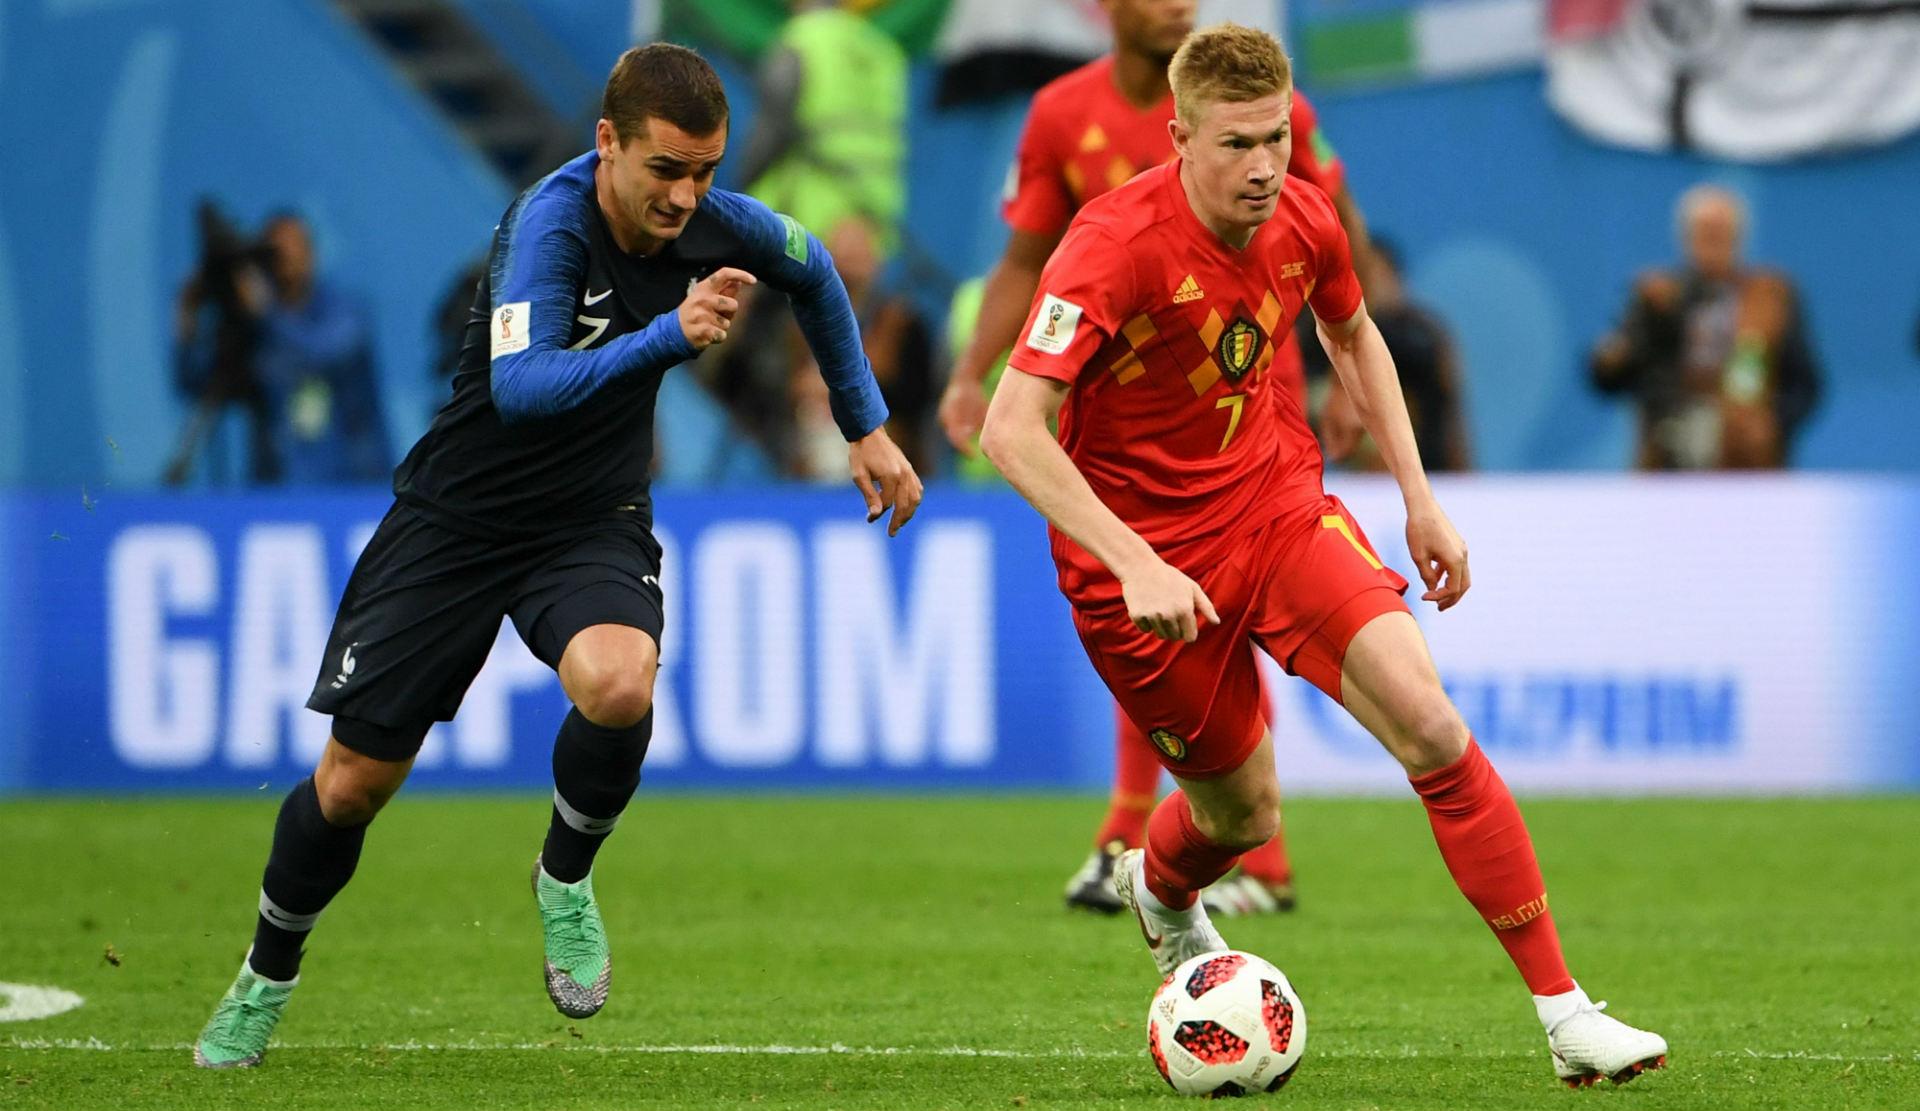 Classement FIFA - La Belgique toujours en tête, creuse l'écart avec la France